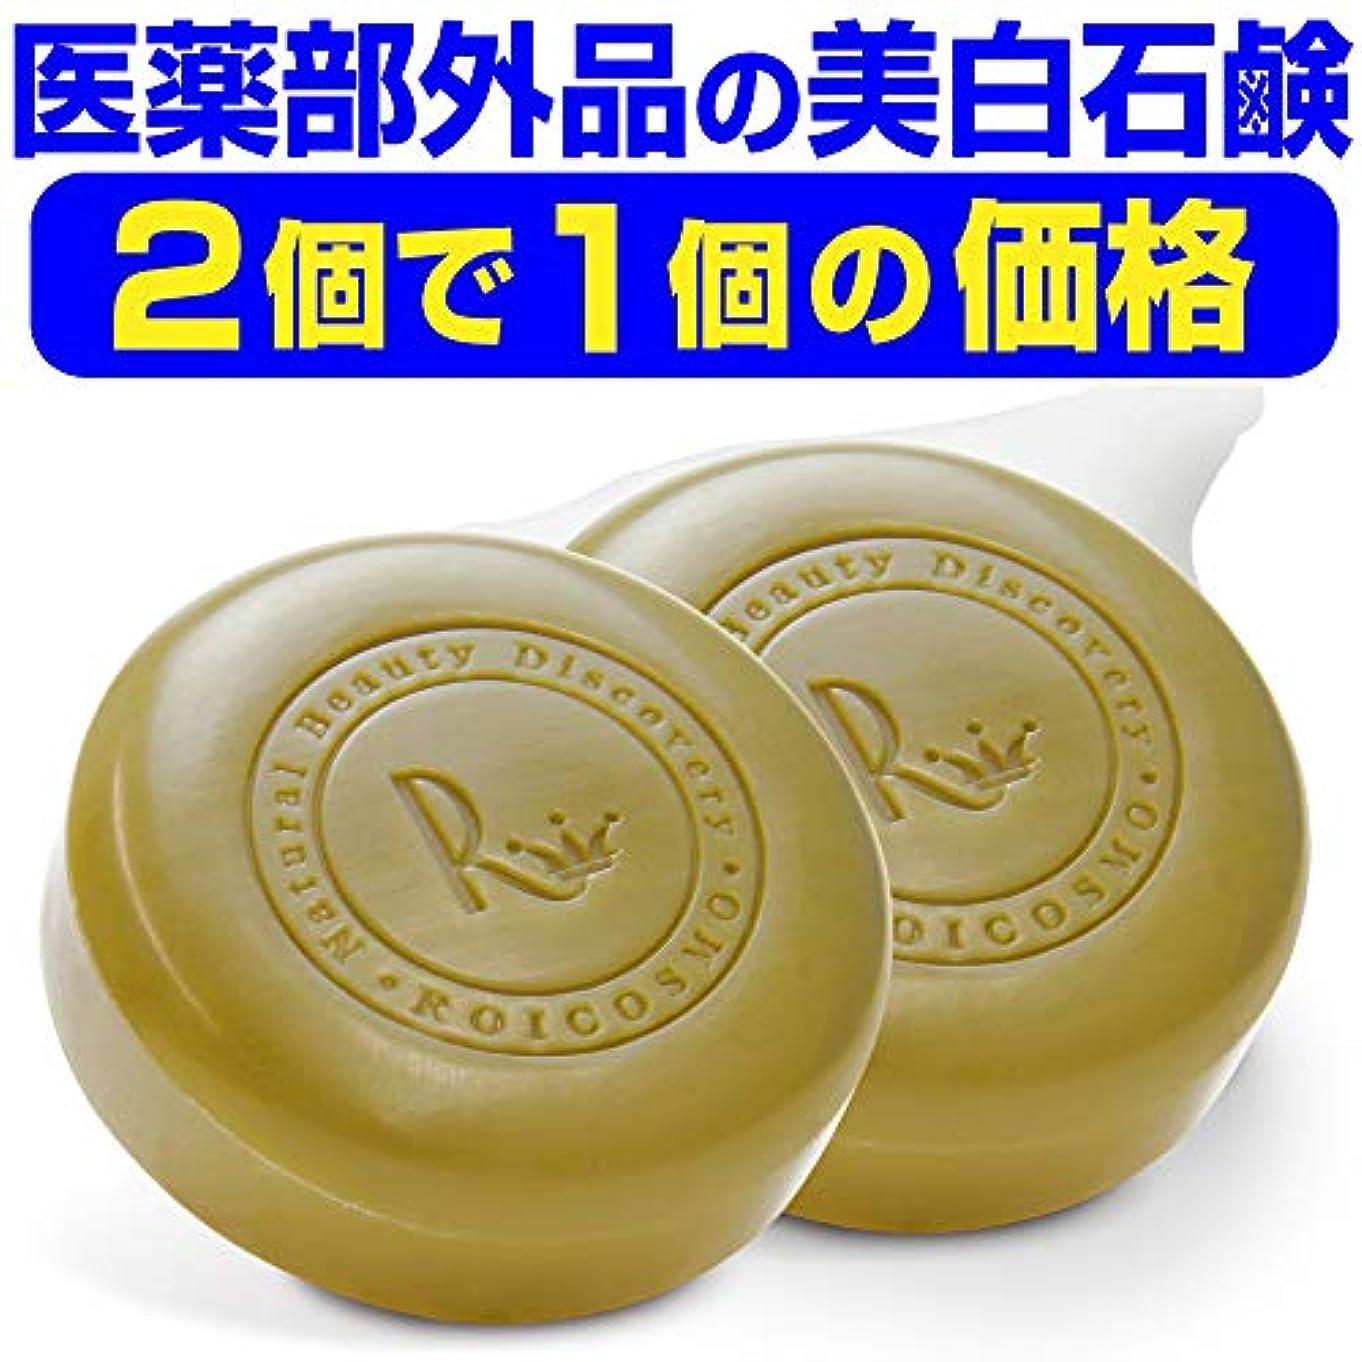 浴憧れ魔法2個で1個の価格(実質50%OFF) ビタミンC270倍の美白成分配合『ホワイトソープ100g×2個で1個の価格』